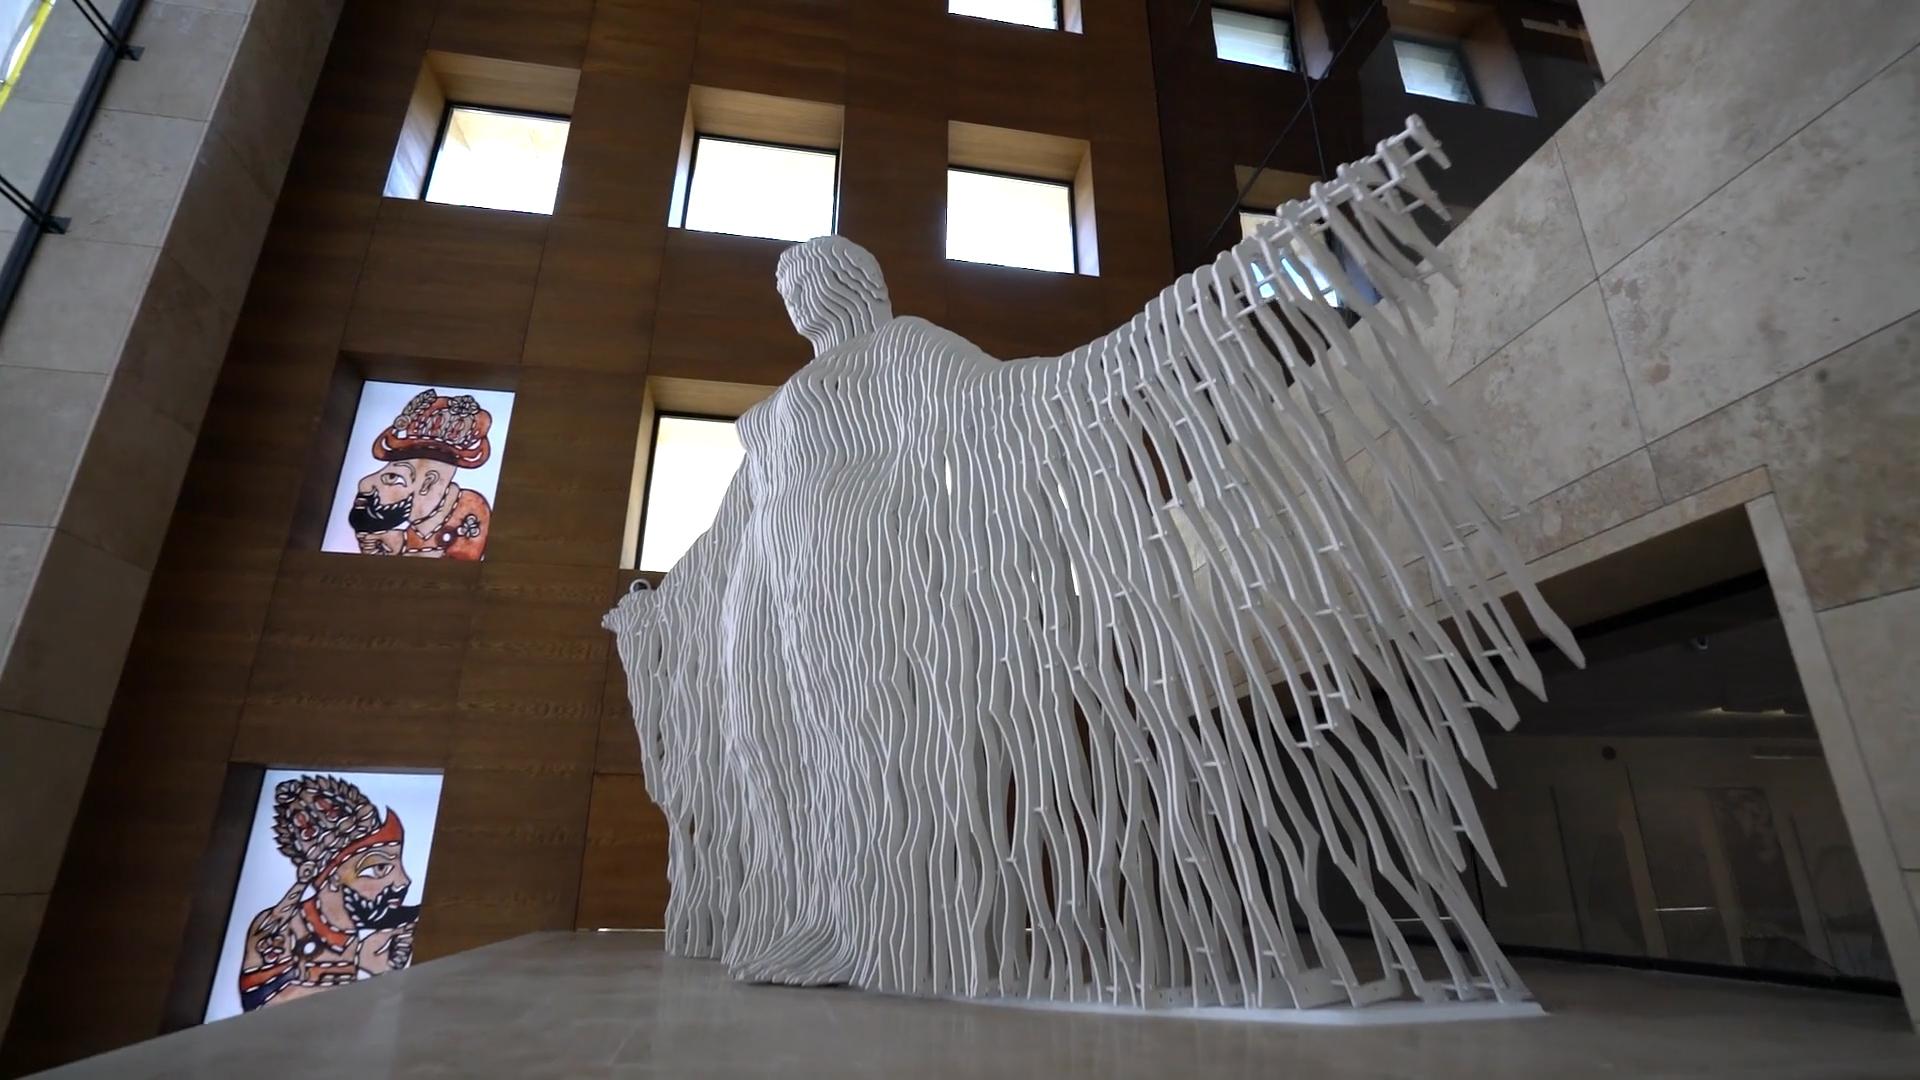 Yapı Kredi Sanat ve Kültür Merkezi